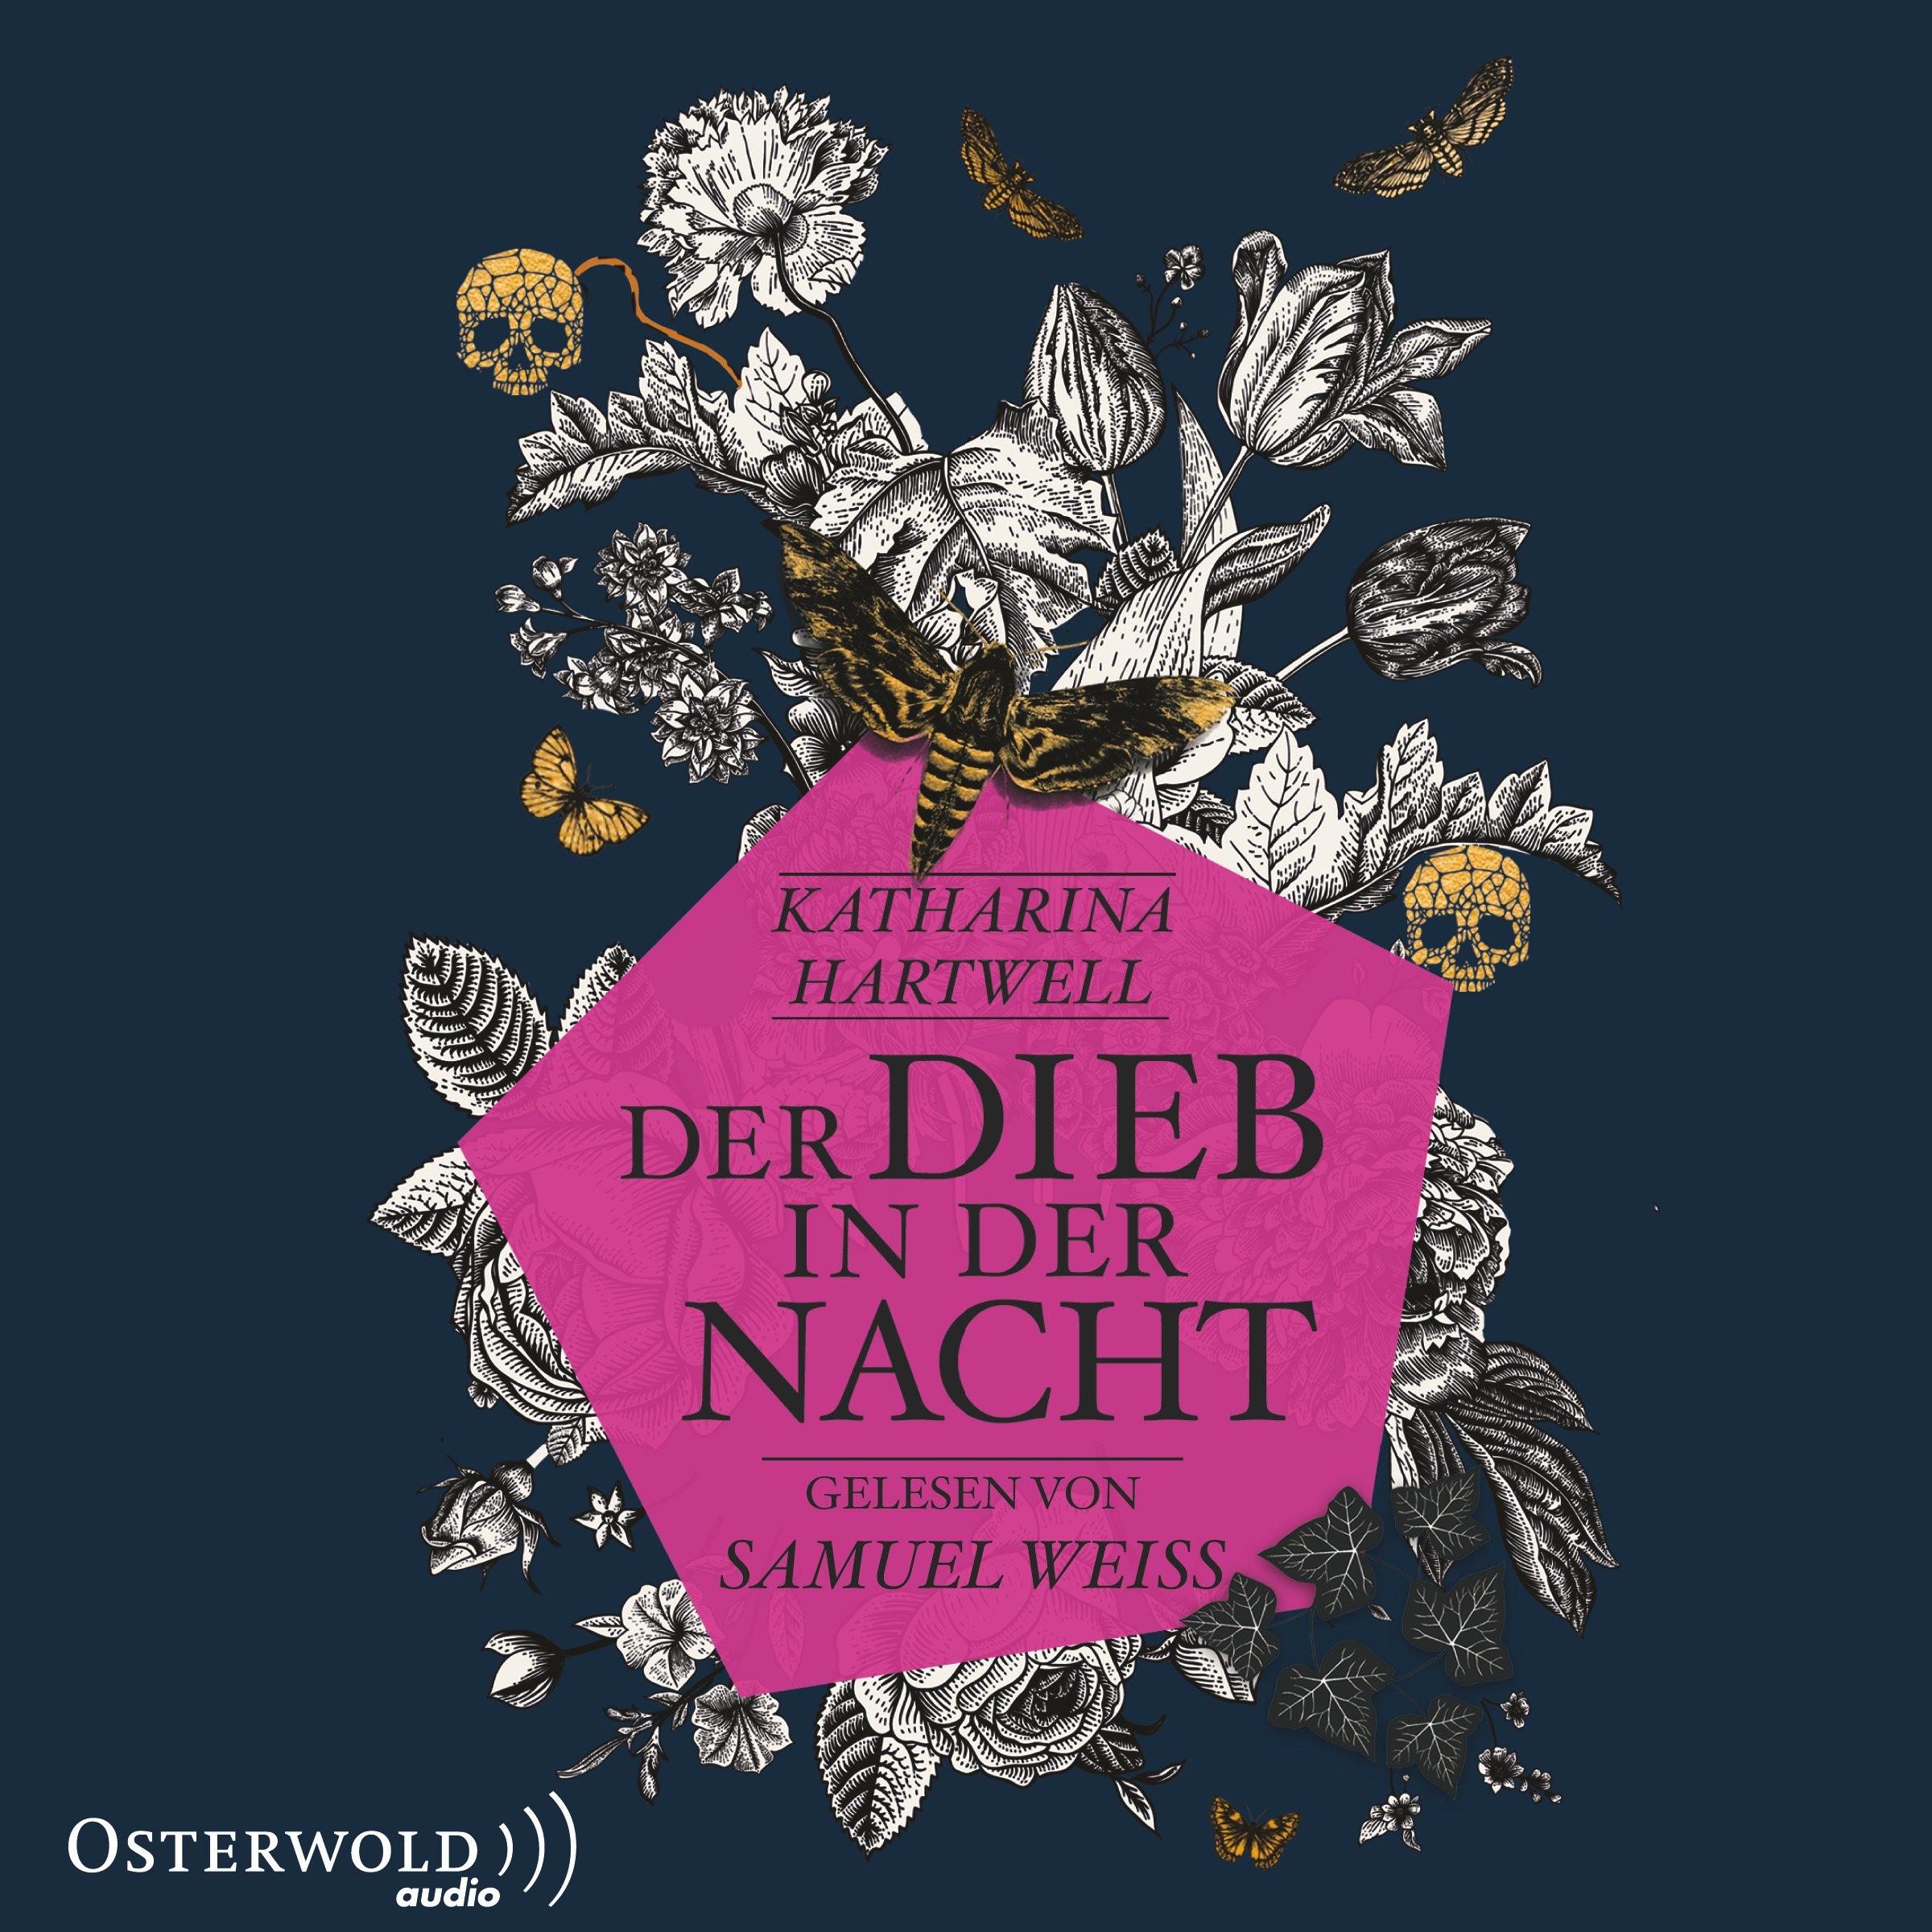 Der Dieb in der Nacht: 6 CDs: Amazon.de: Katharina Hartwell, Samuel ...